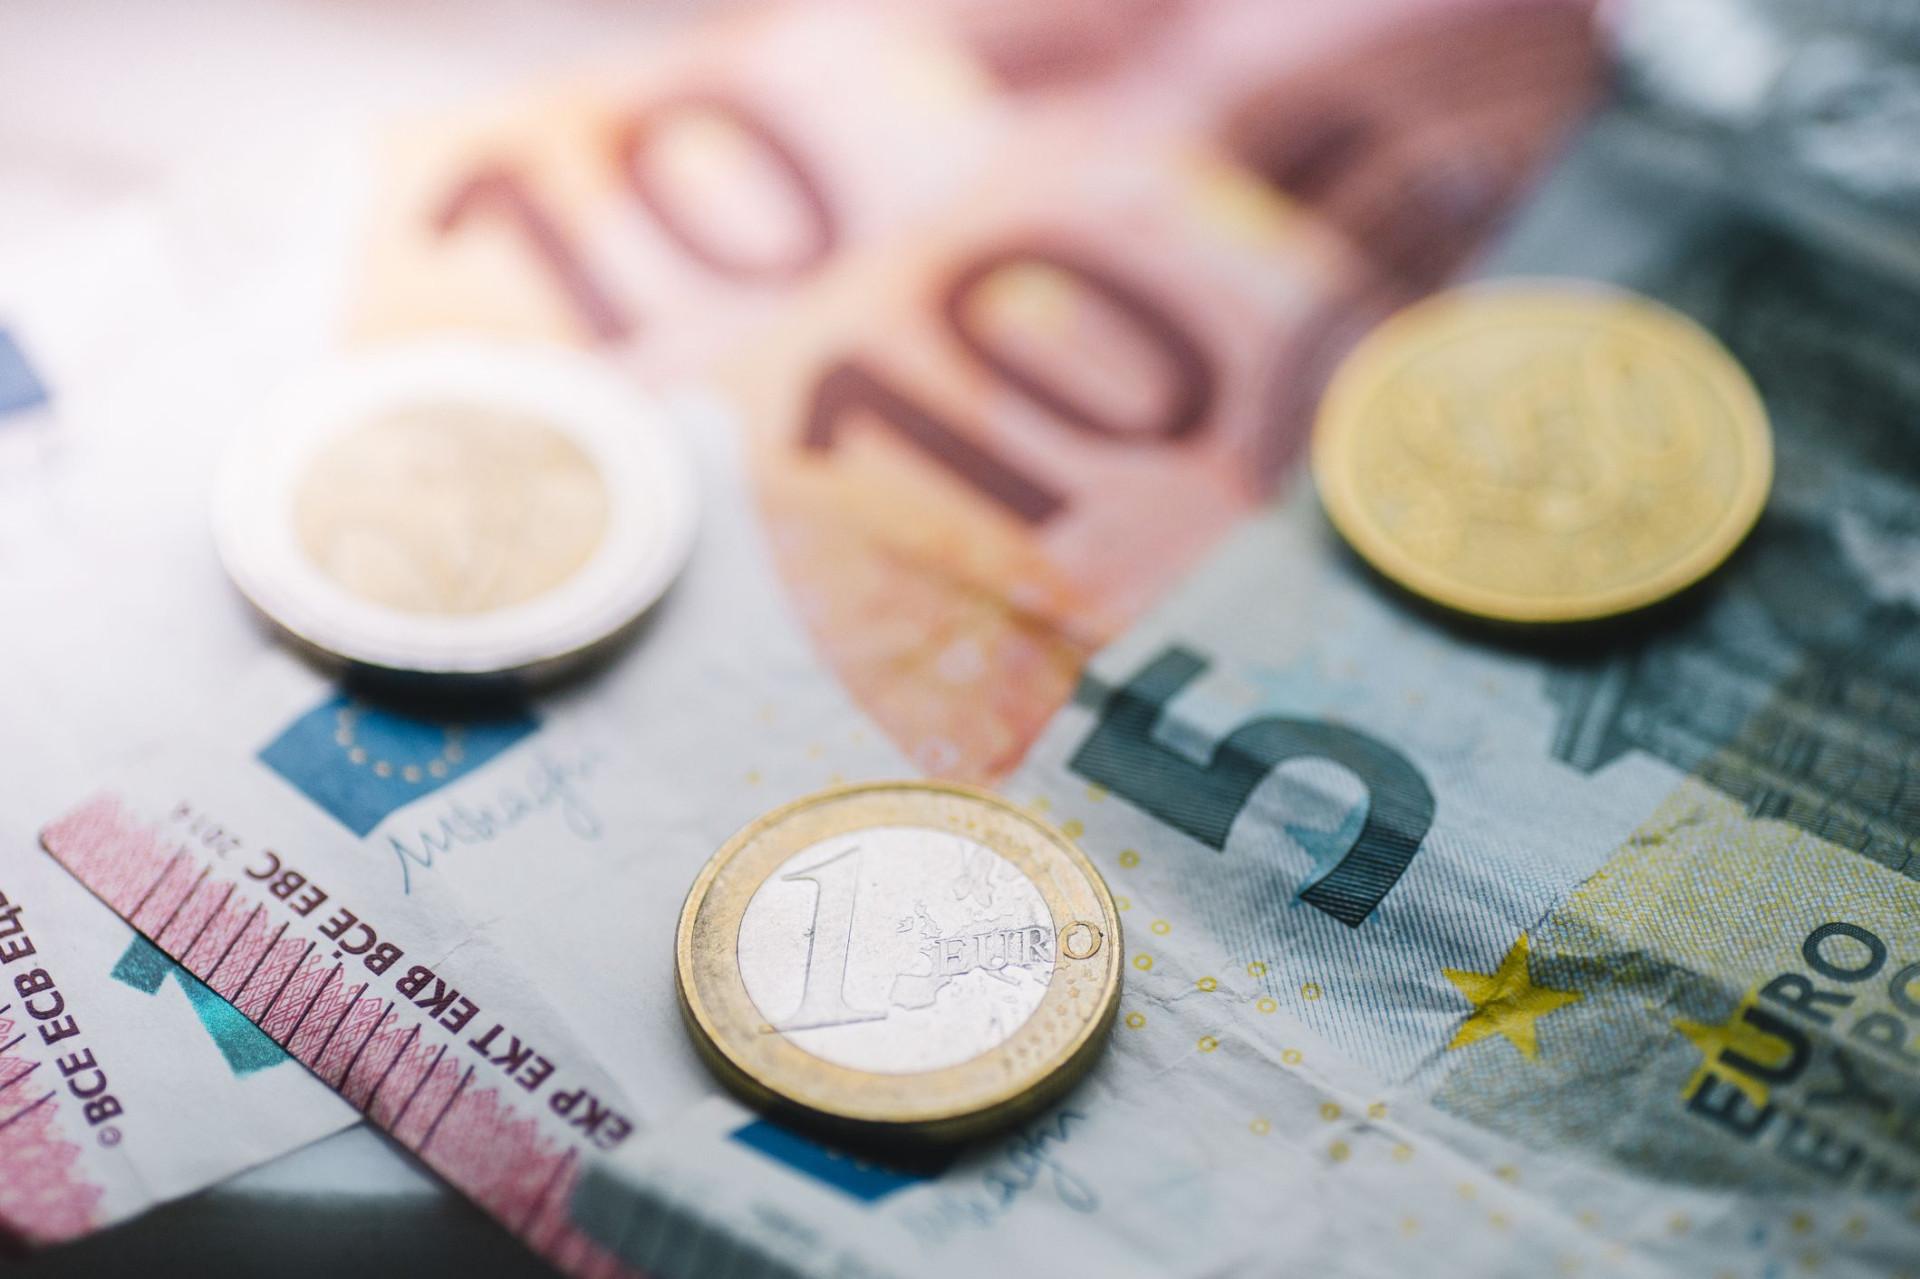 Emprestar dinheiro à família ou amigos? Seis motivos para não o fazer